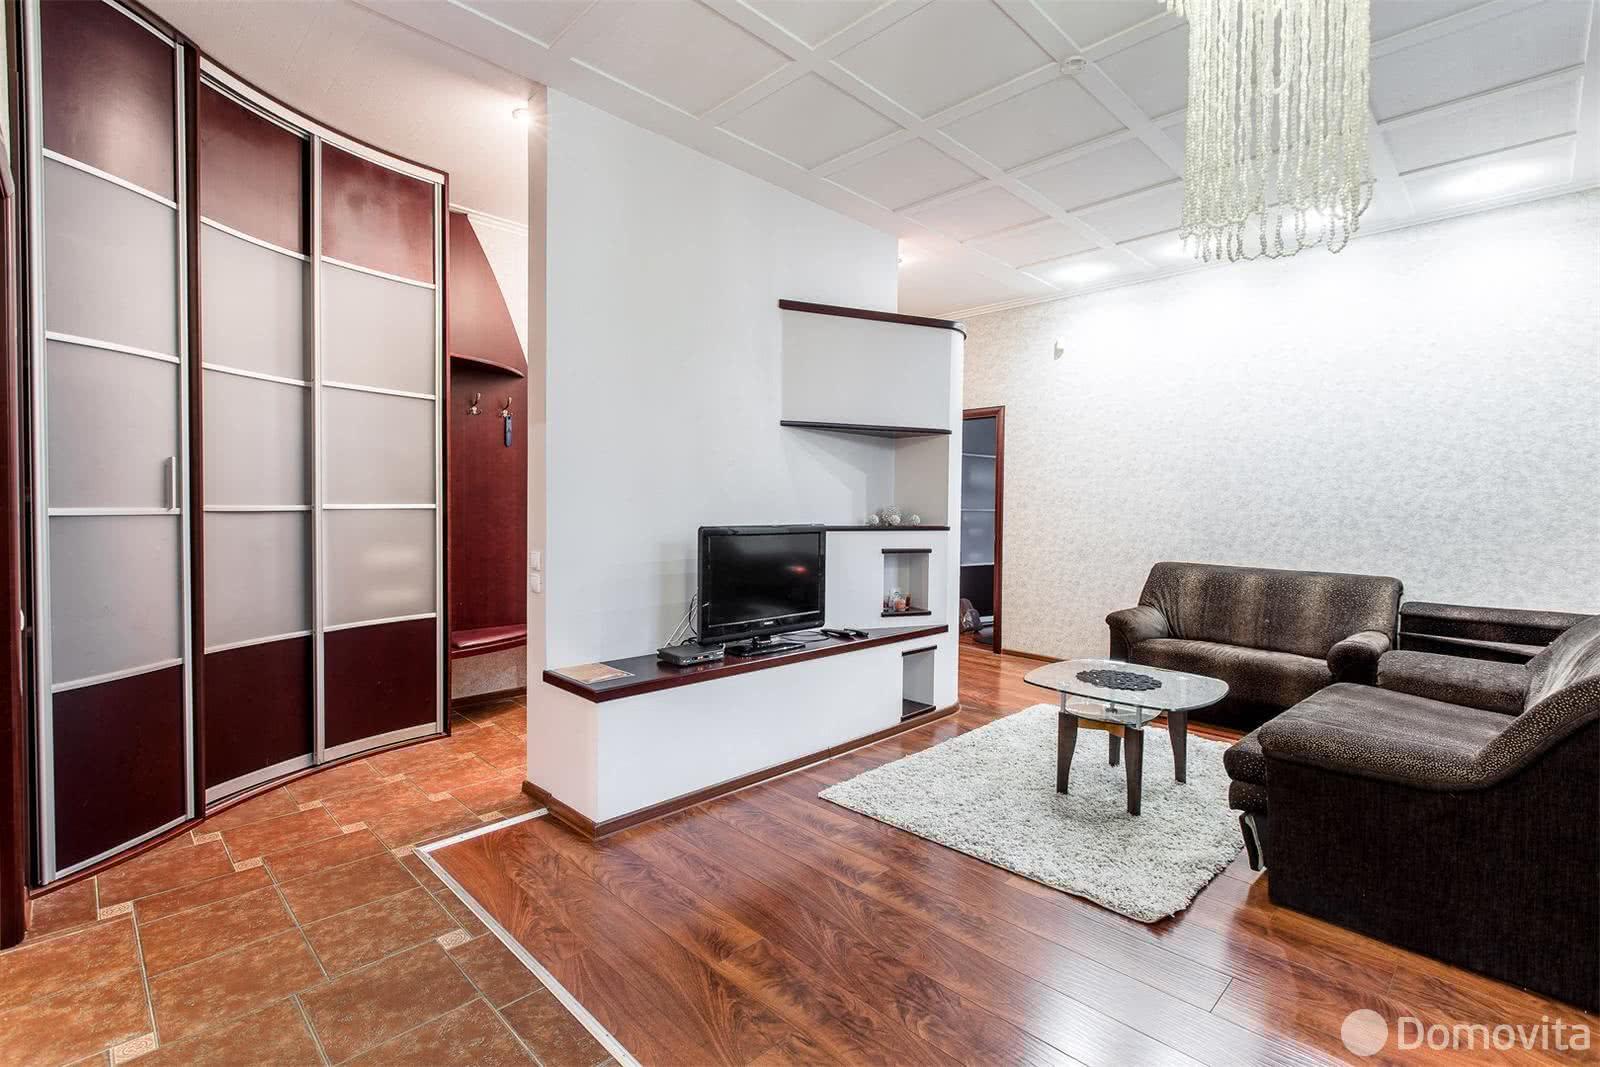 Аренда 2-комнатной квартиры на сутки в Минске ул. Свердлова, д. 19 - фото 6